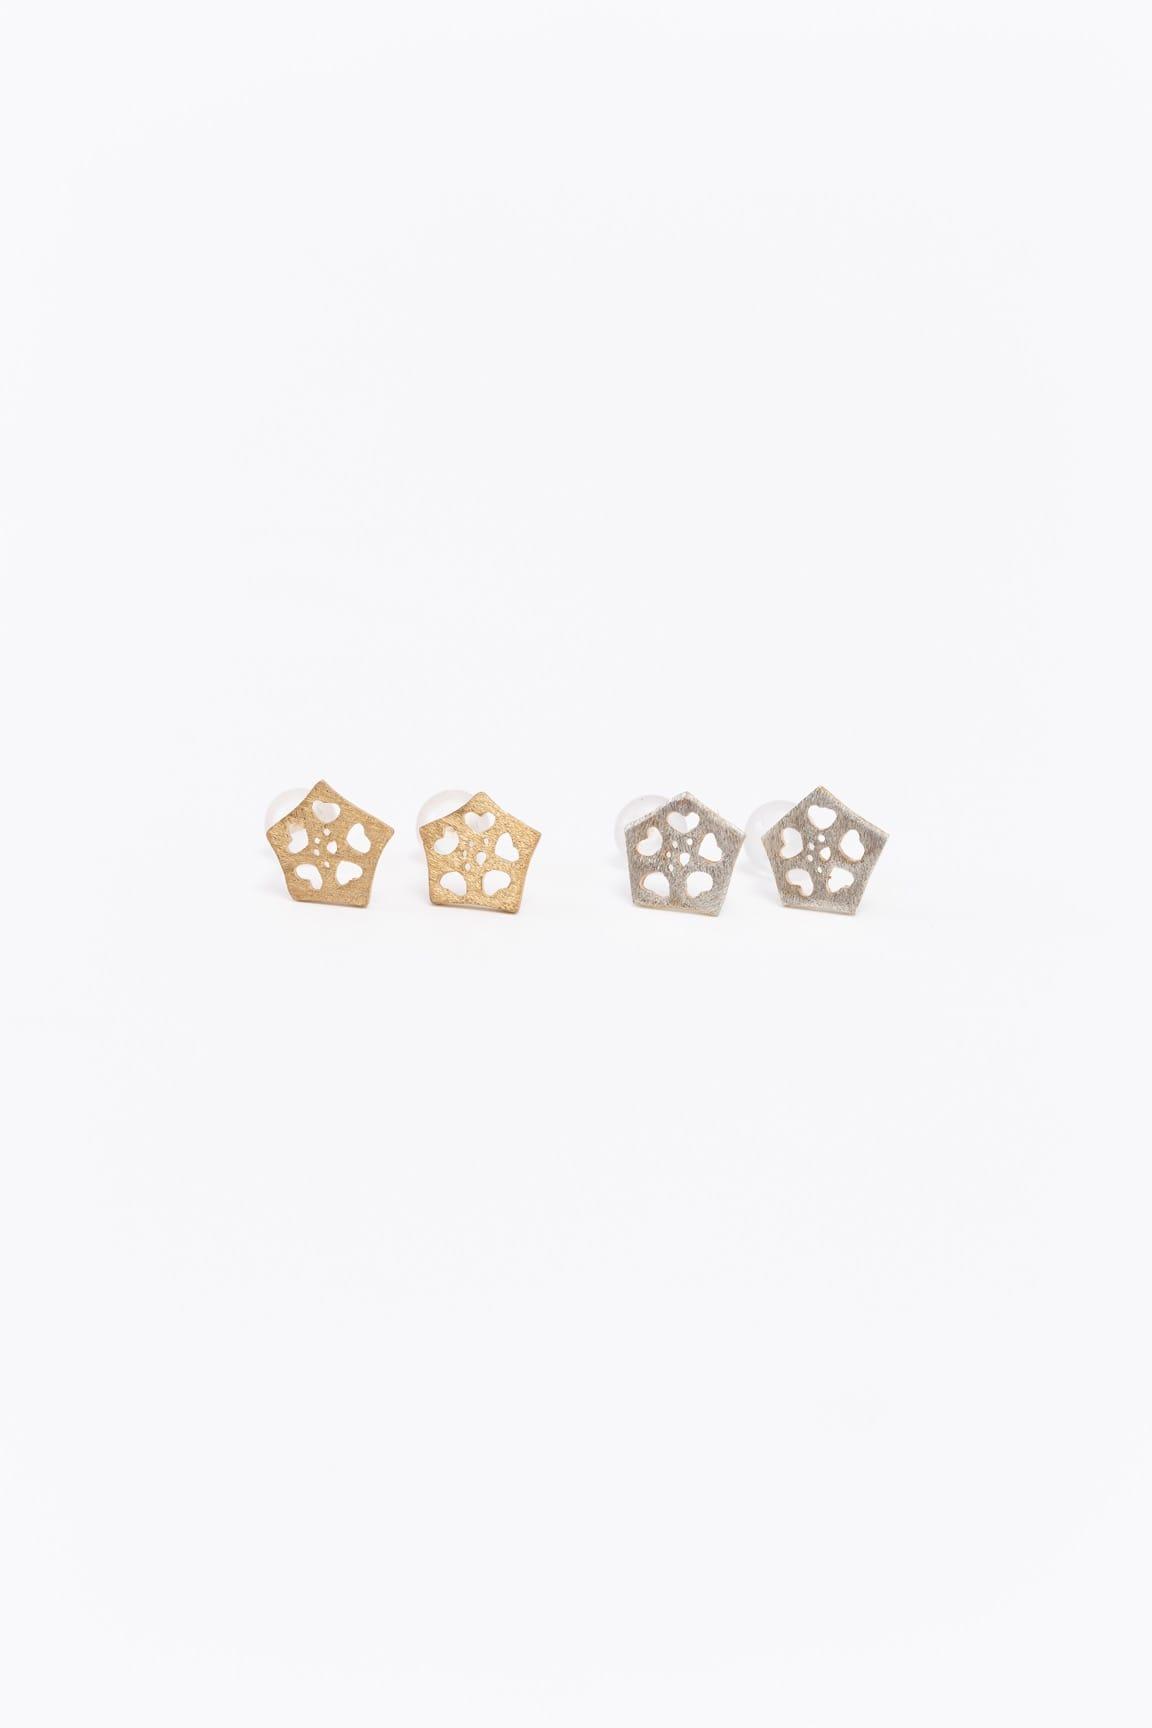 オクラピアス(ポスト式)金銀